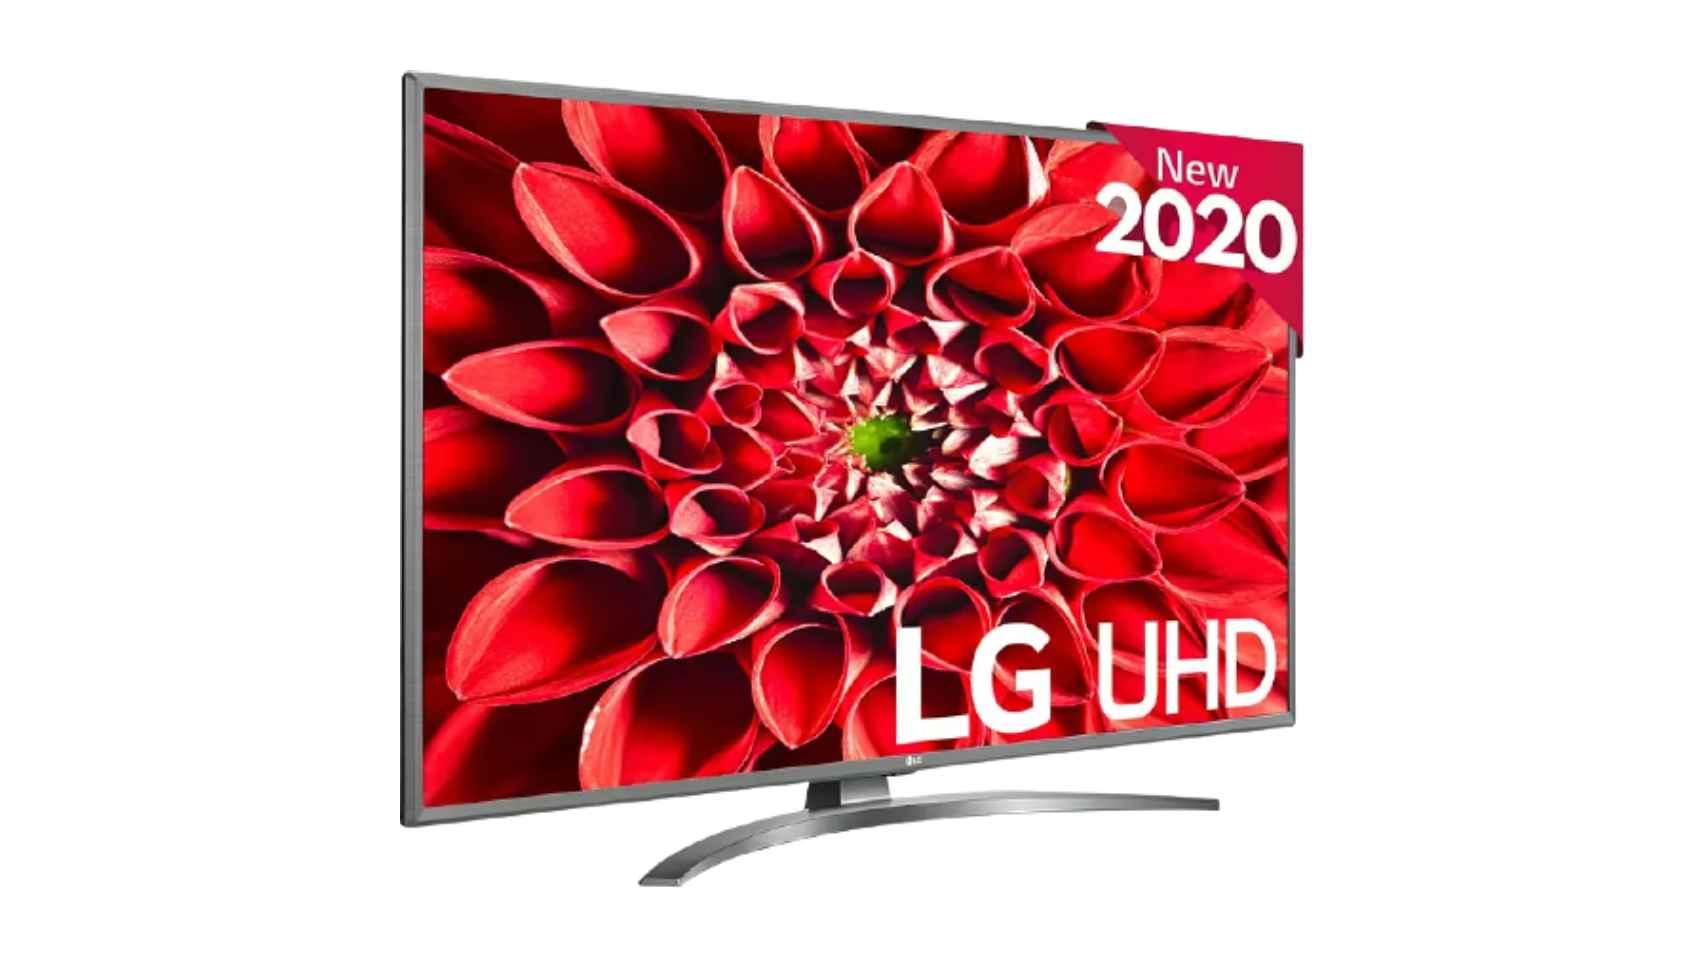 Ofertas De Televisores En Media Markt últimas Horas Para Aprovechar El Plan Renove